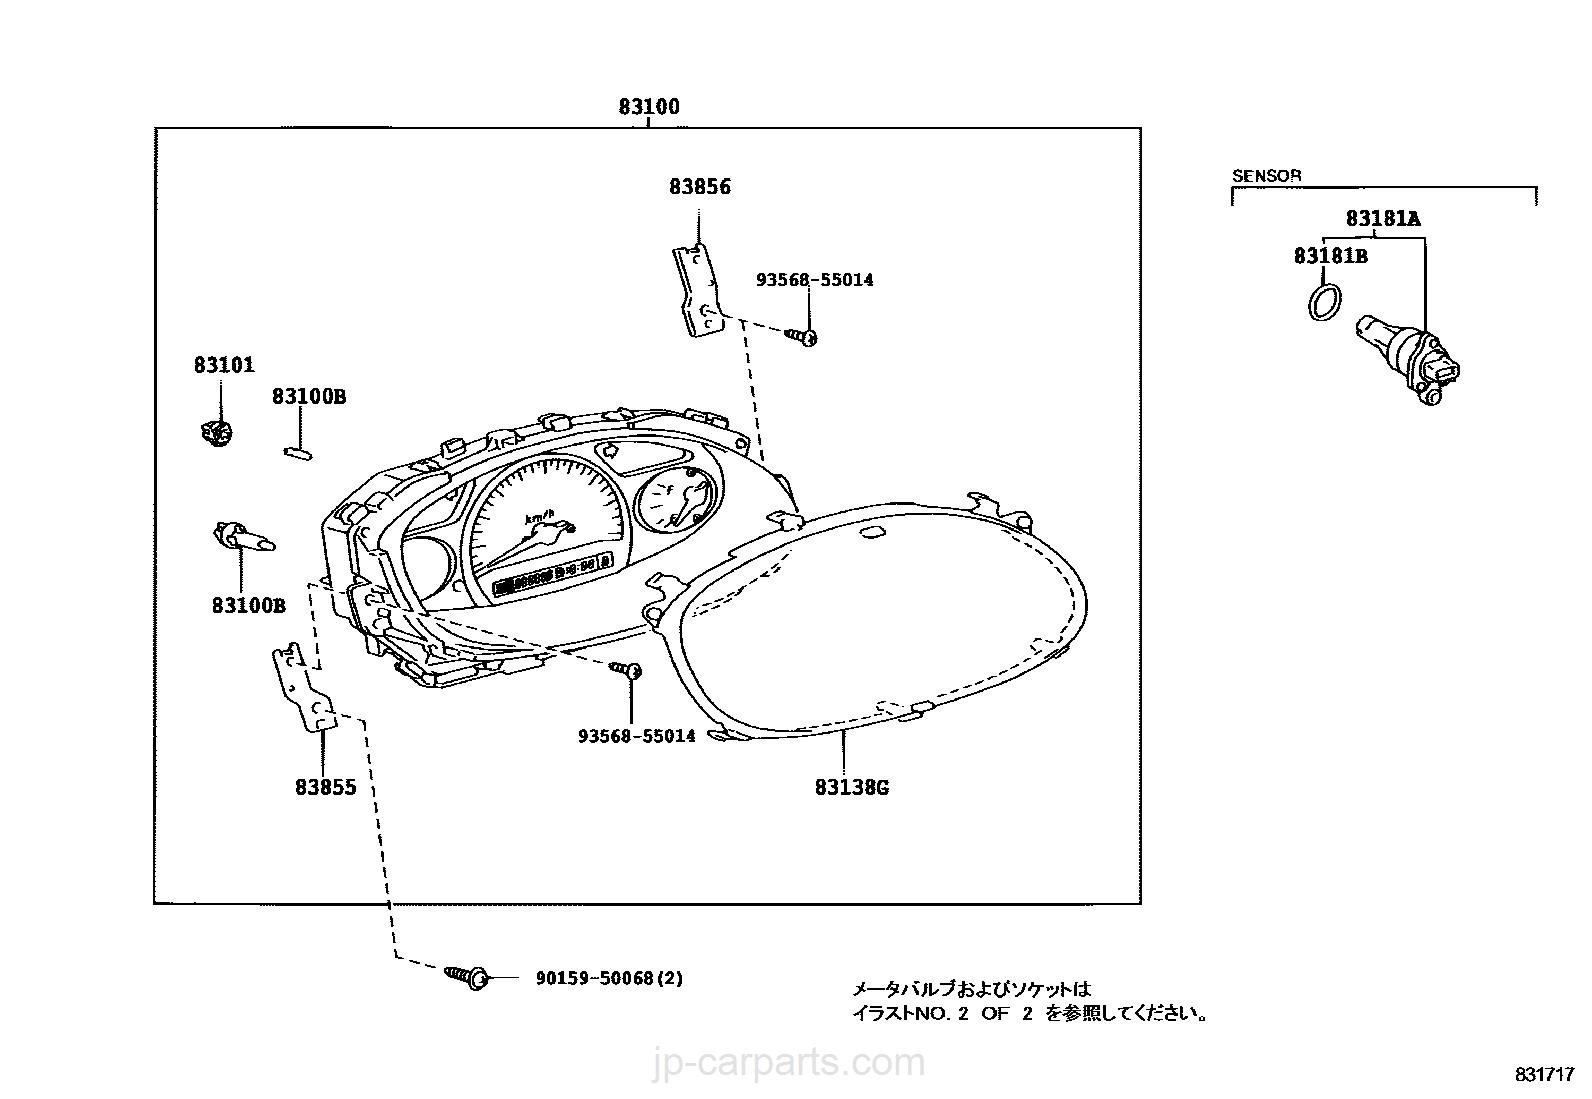 Тойота витц схема двигателя